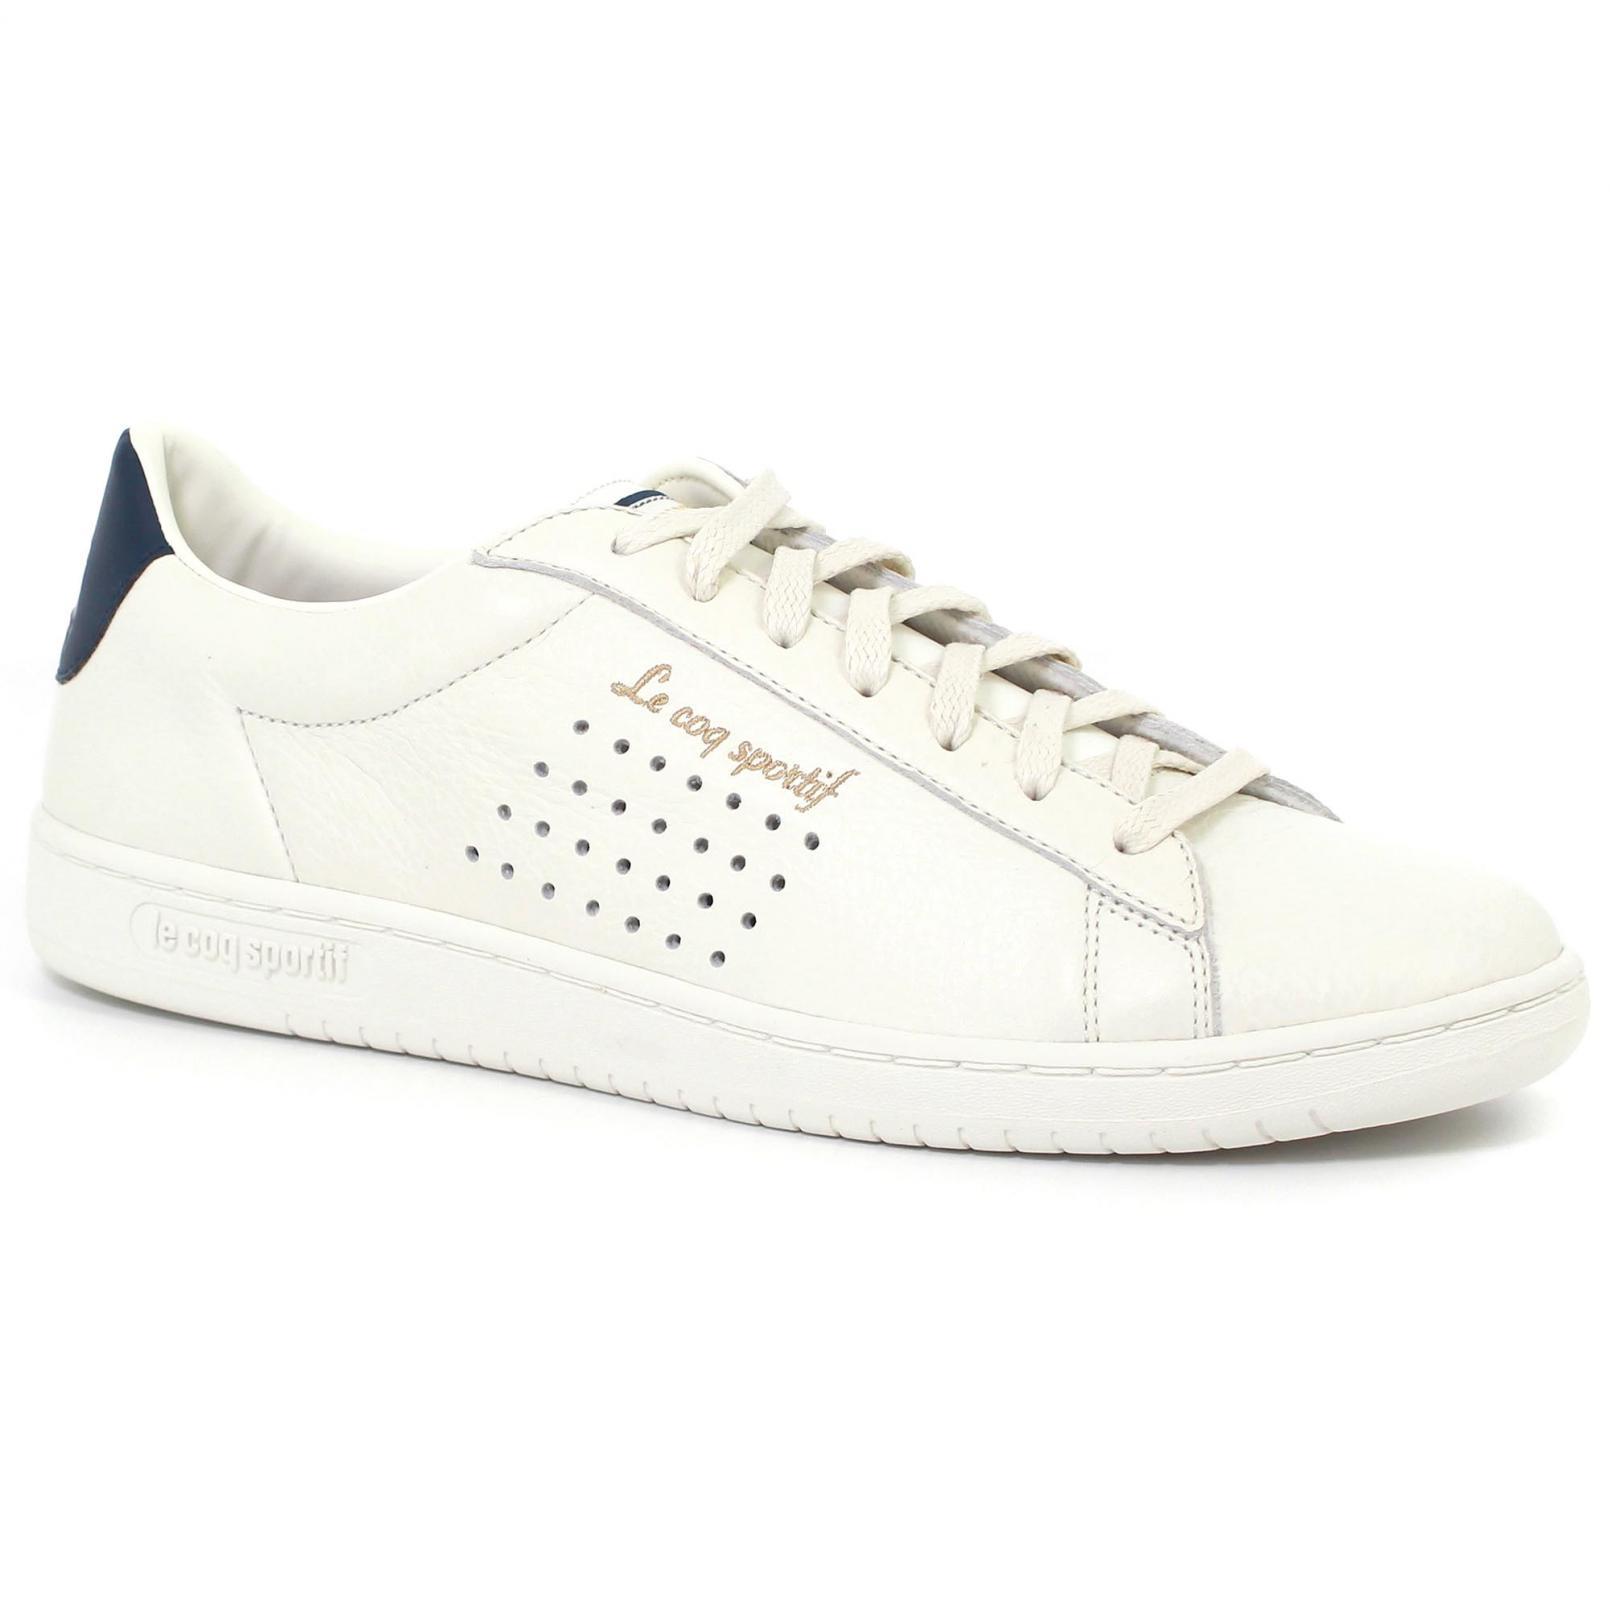 Shoes – Le Coq Sportif Arthur Ashe Tumbled Lea Cream/Blue